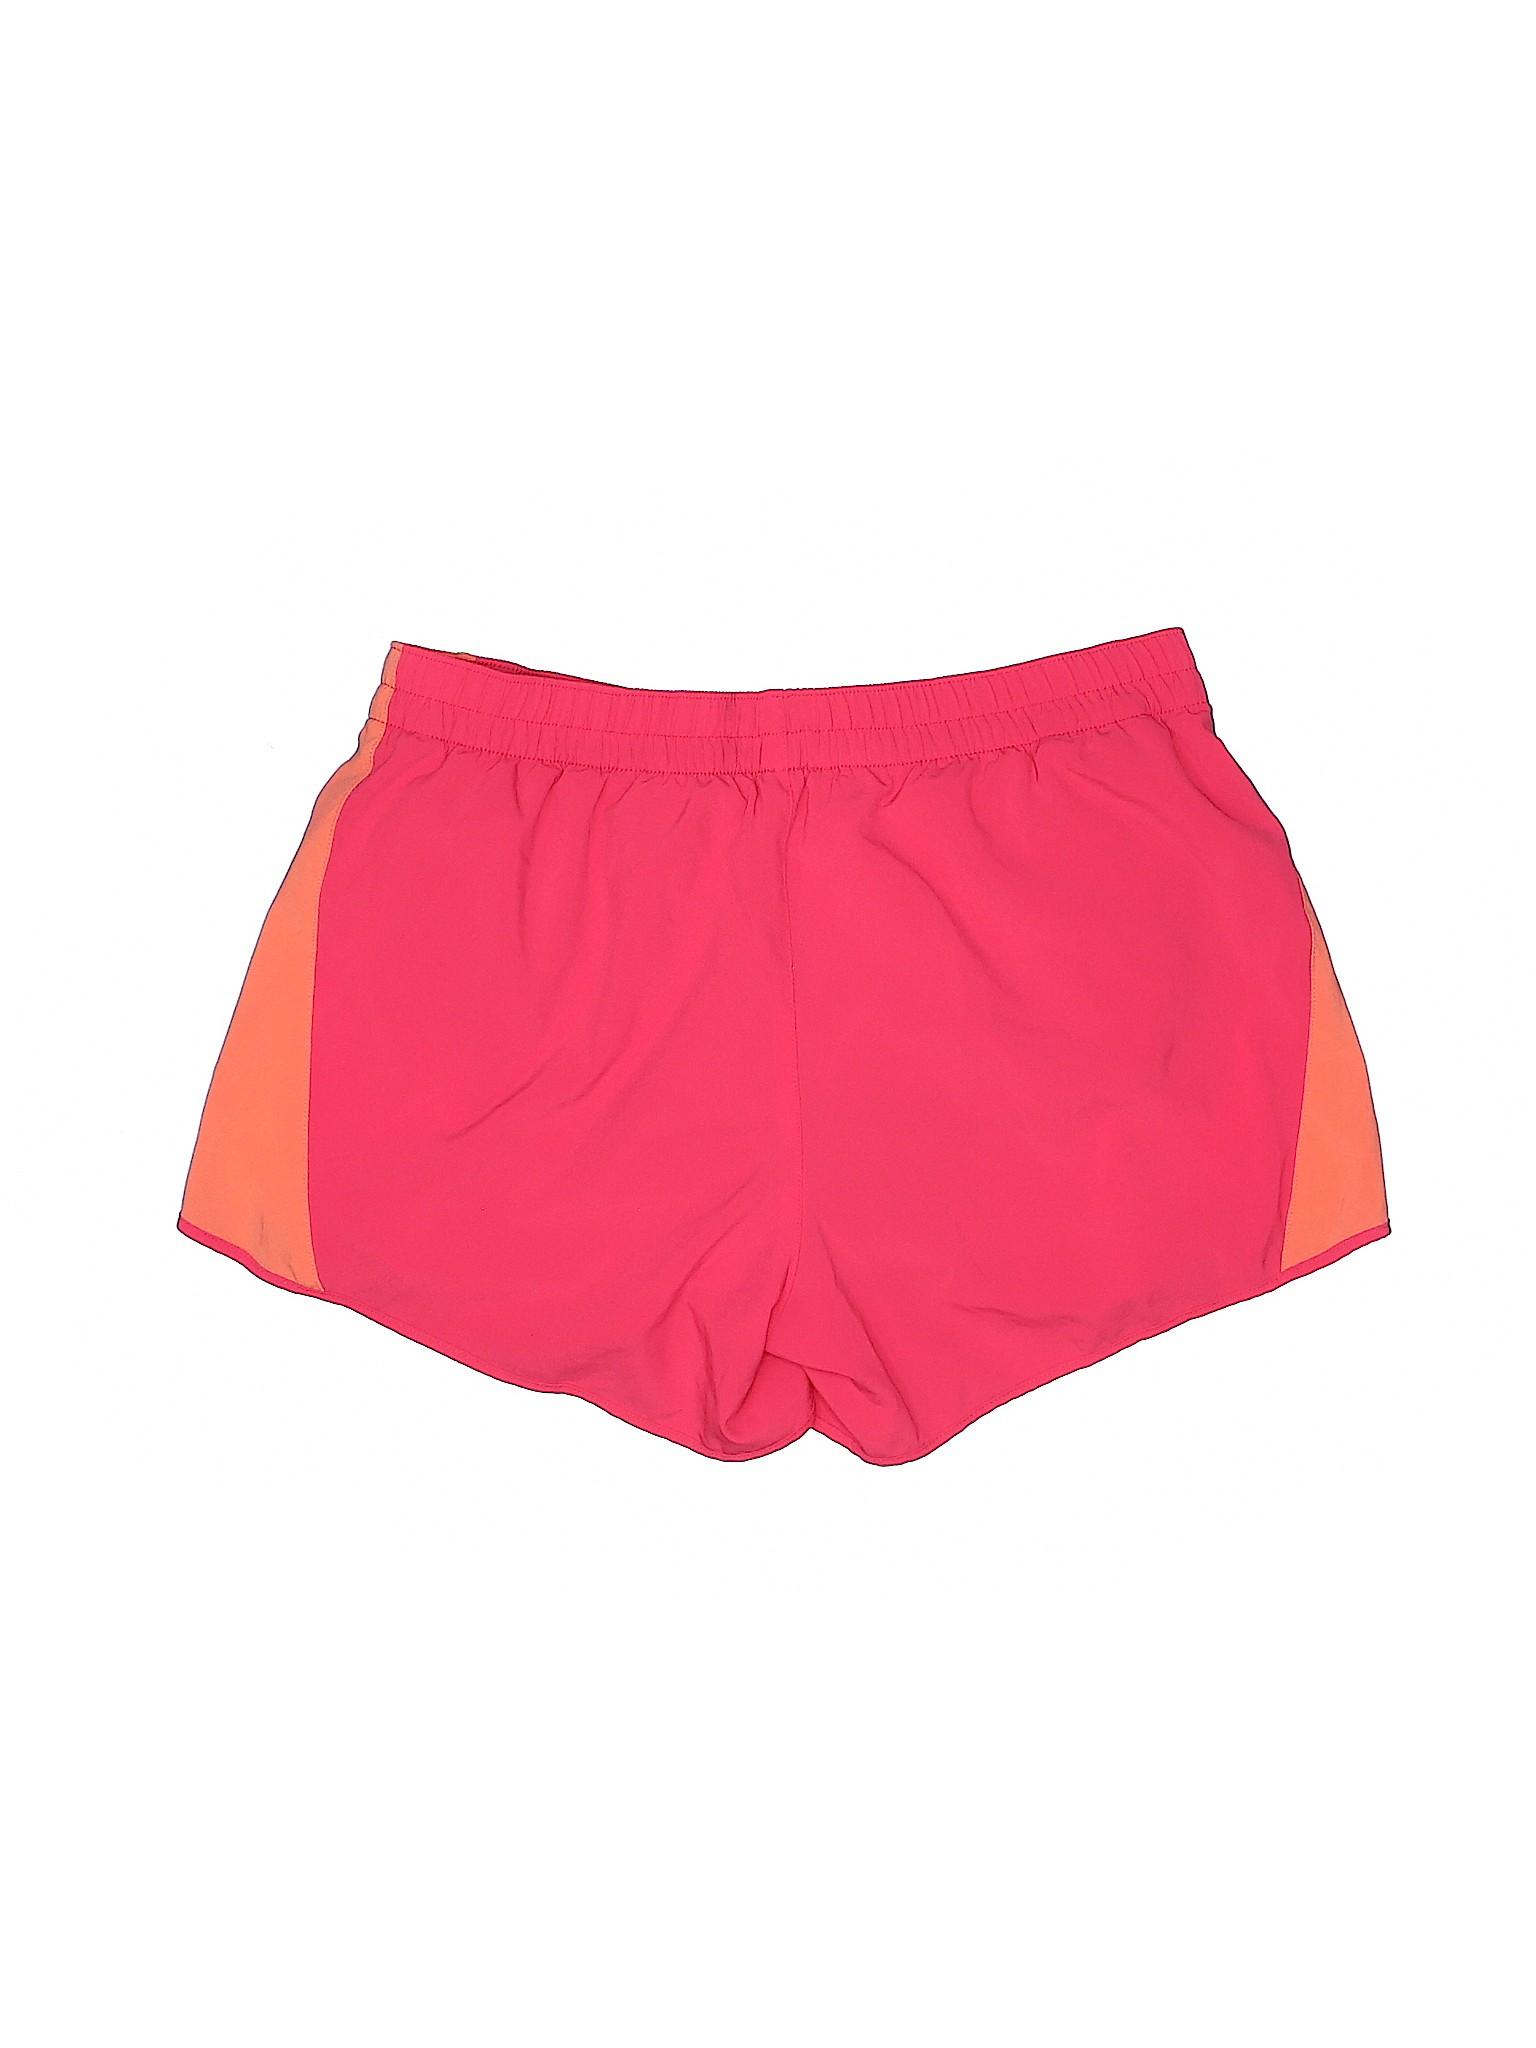 Boutique Gap Shorts Athletic Shorts Boutique Athletic Gap Fit Boutique Athletic Fit Shorts Boutique Fit Gap Gap qgqSxAw8R